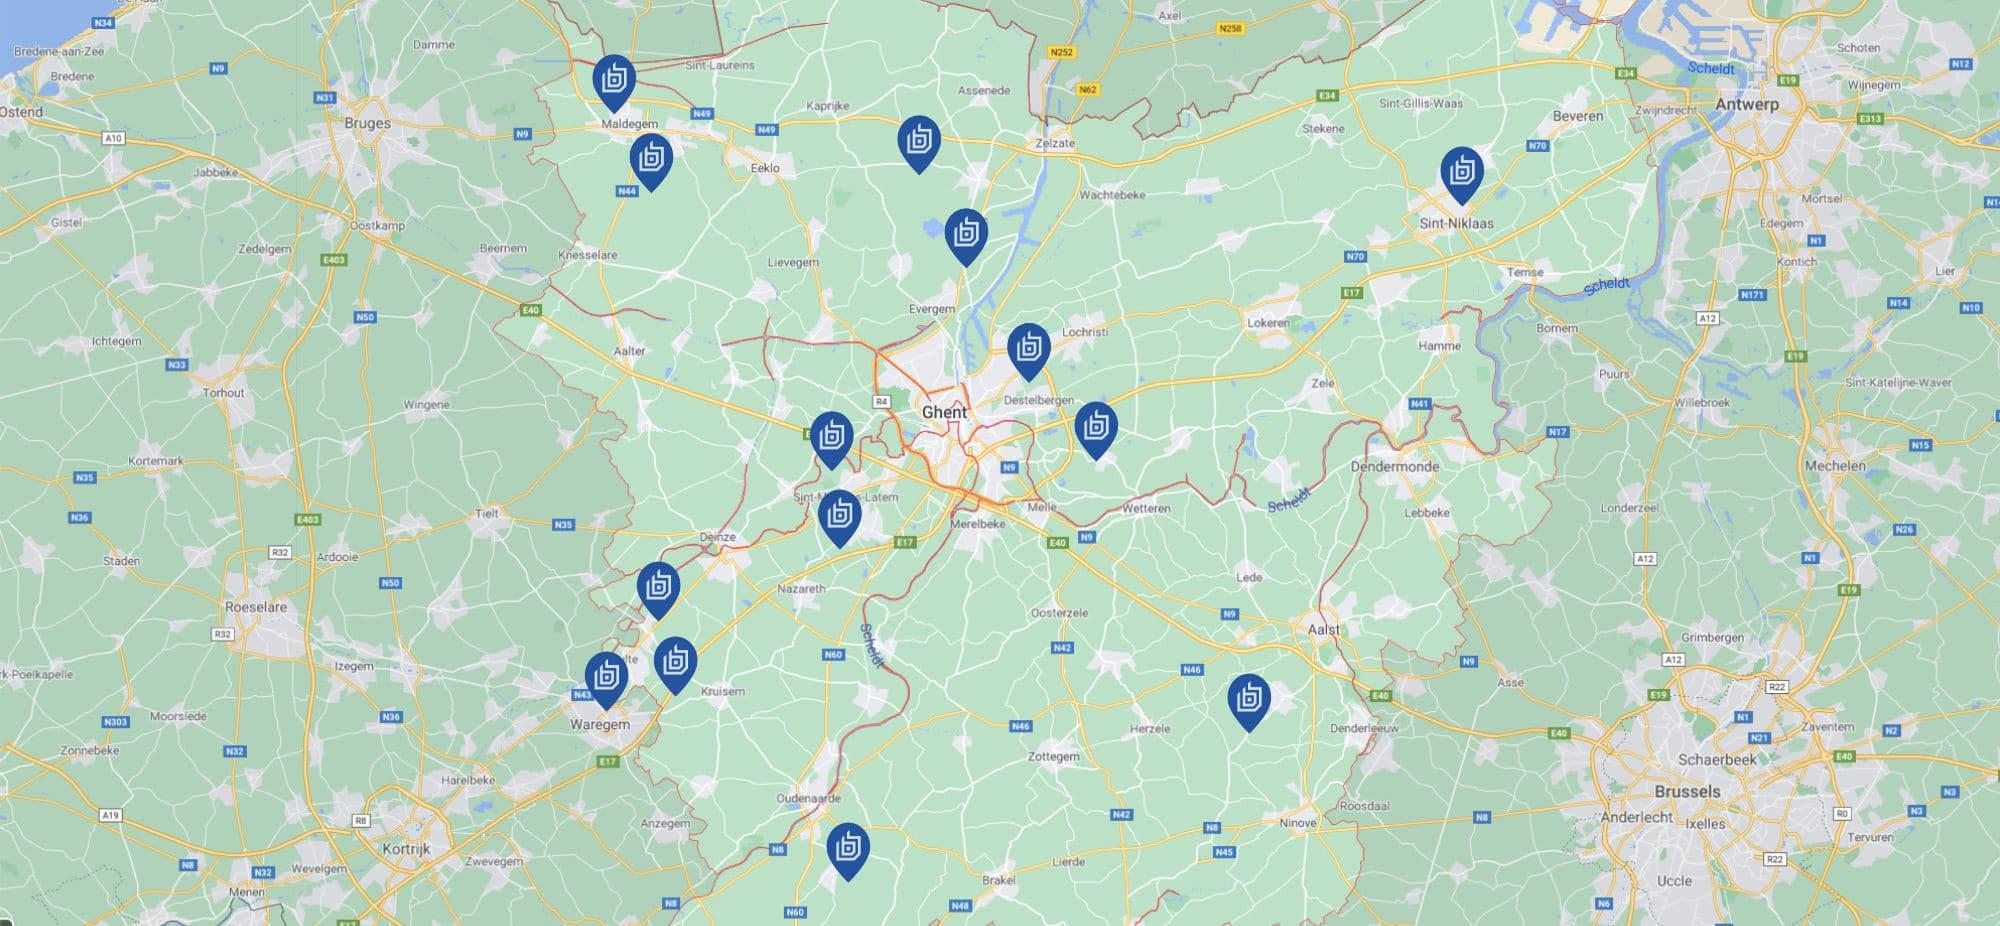 Verandabouwers West-Vlaanderen